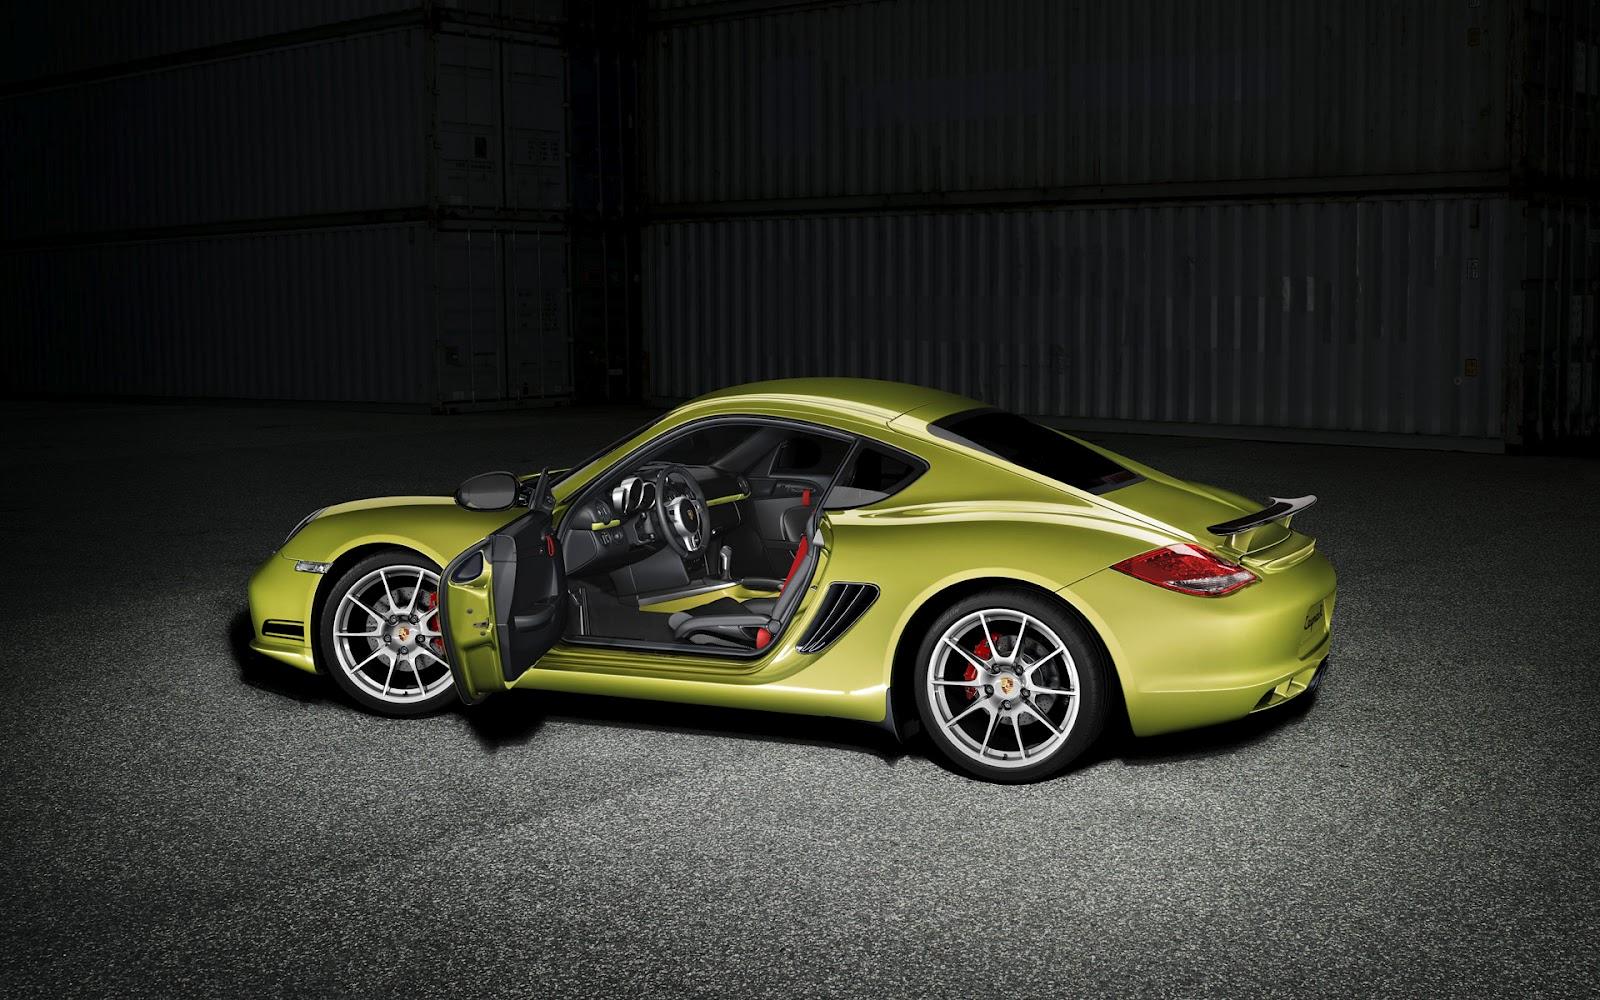 http://2.bp.blogspot.com/-WUWm6zuFaN8/UBfqDbOJh2I/AAAAAAAAAmQ/ne7n1k2n9hU/s1600/wallpaper-Porsche+Cayman+R+Exterior.jpg